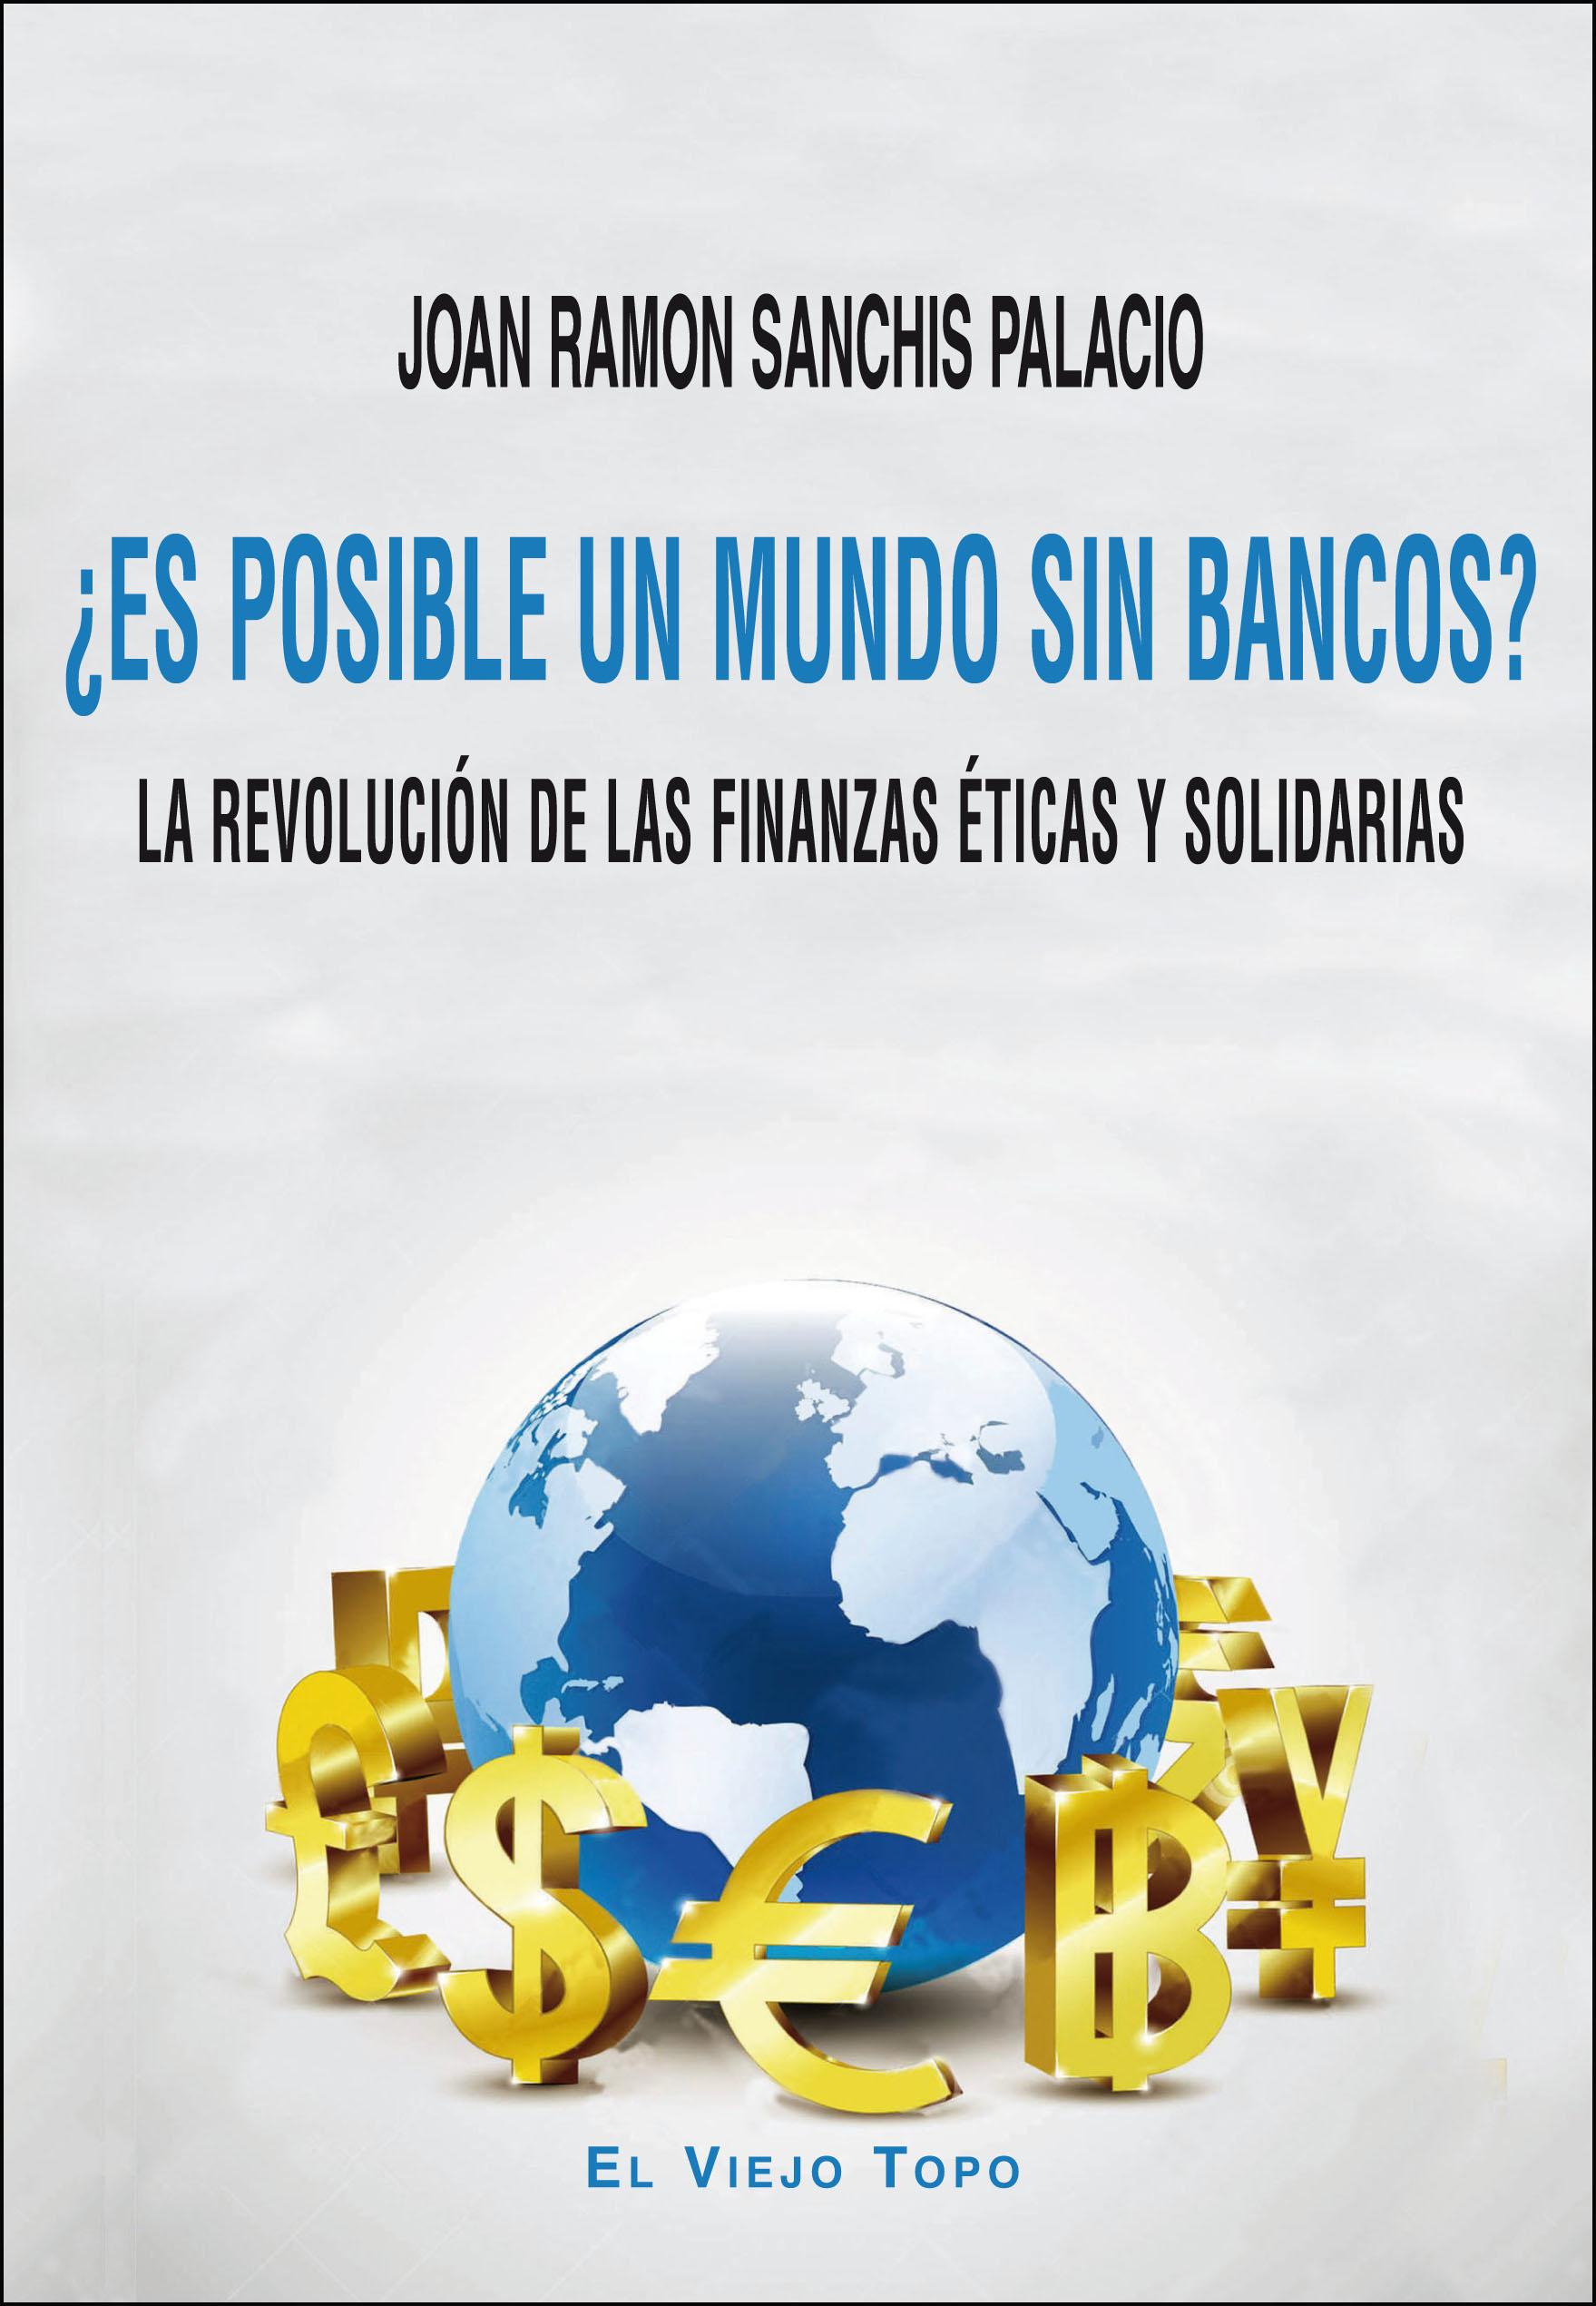 ¿Es posible un mundo sin bancos?